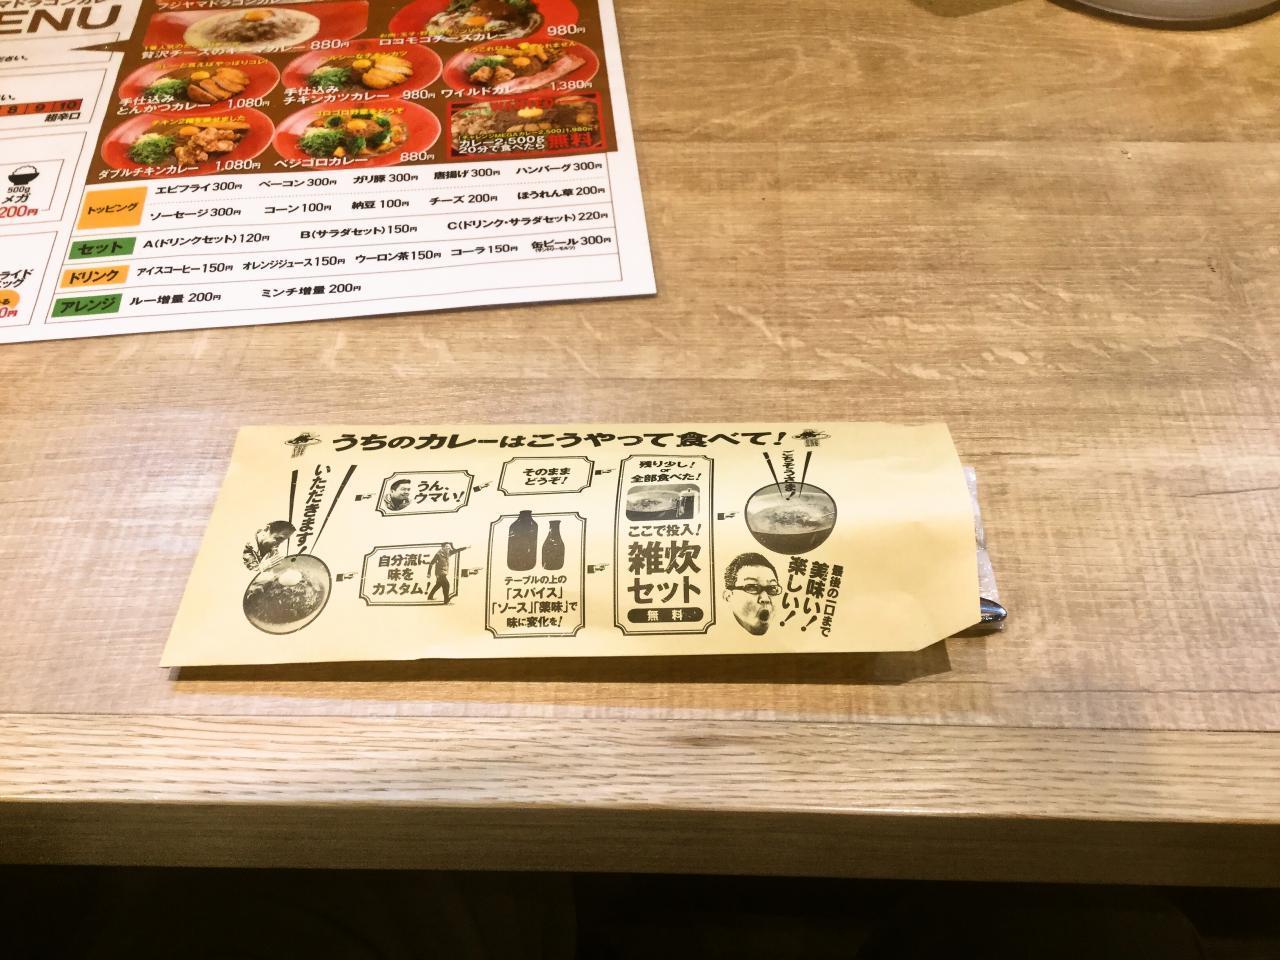 フジヤマドラゴンカレー秋葉原店(店内)